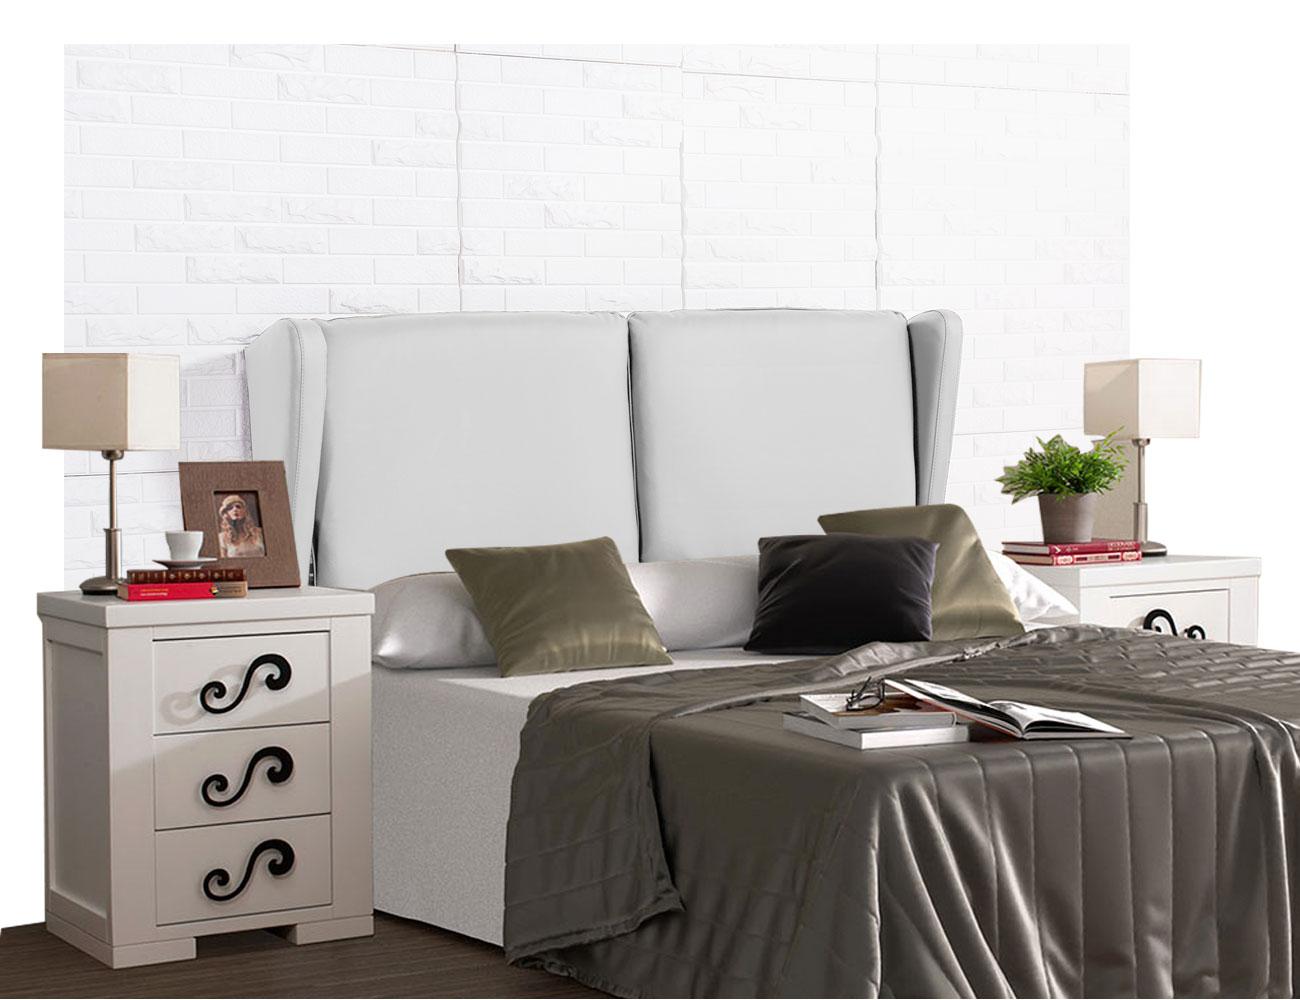 Cabecero tapizado plafones blanco